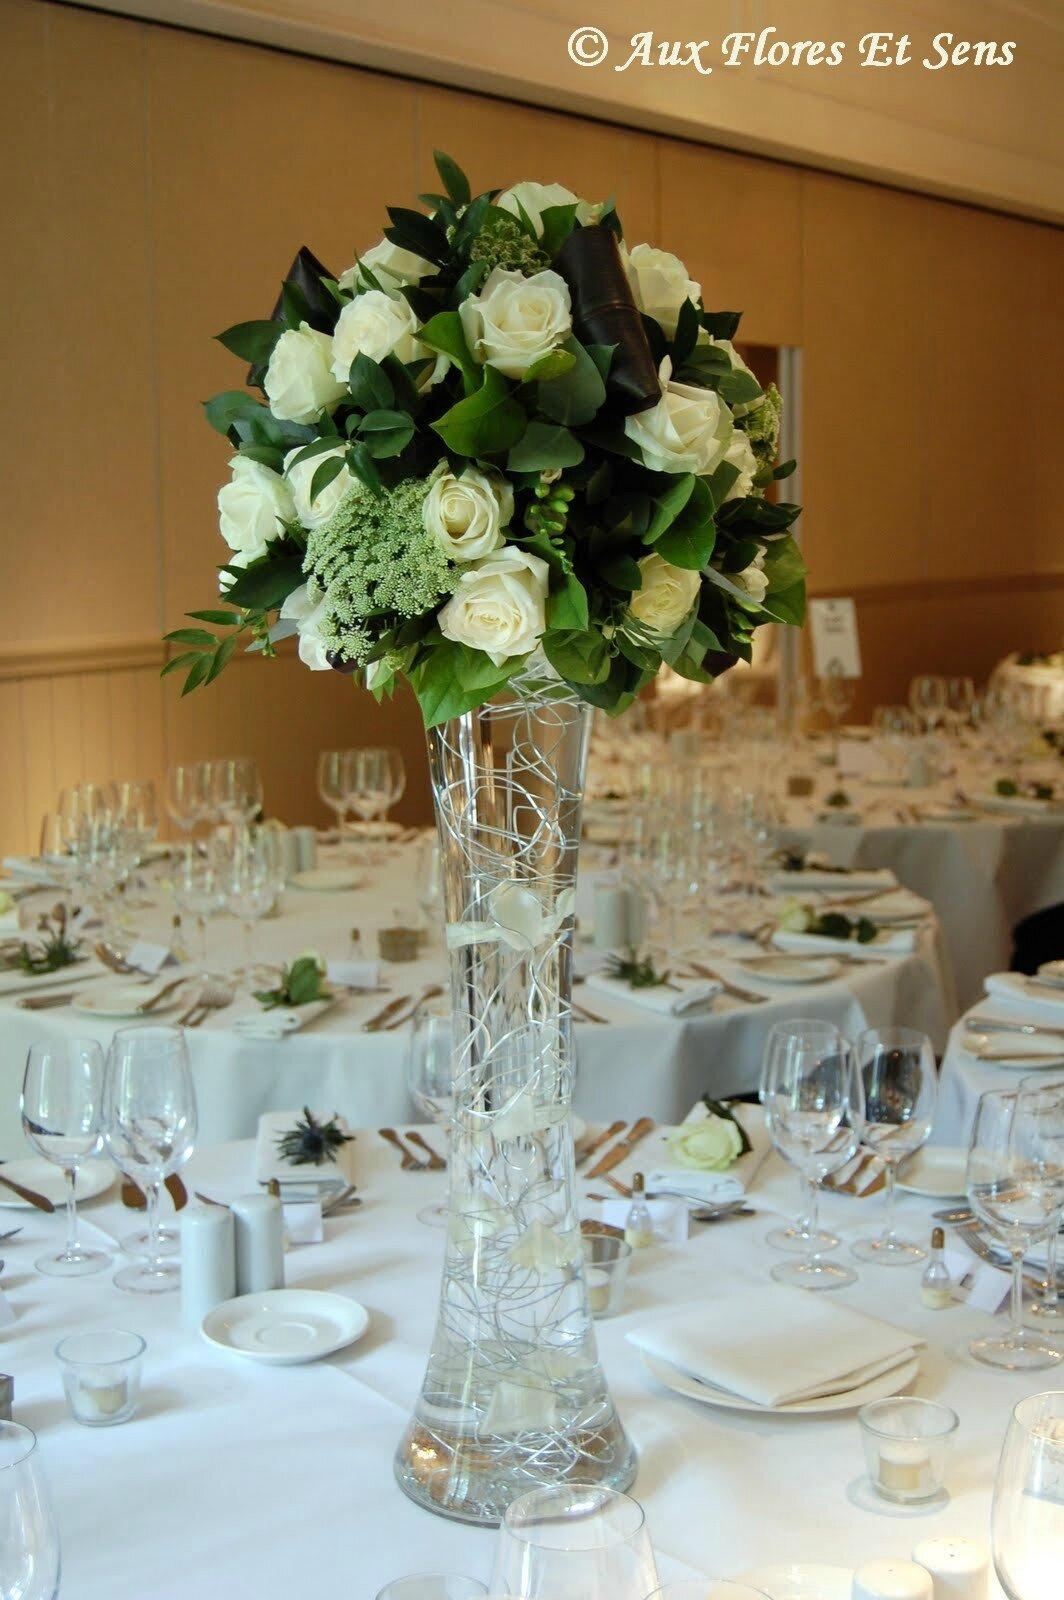 décor de table Mariage Freesia, Dille & Rose